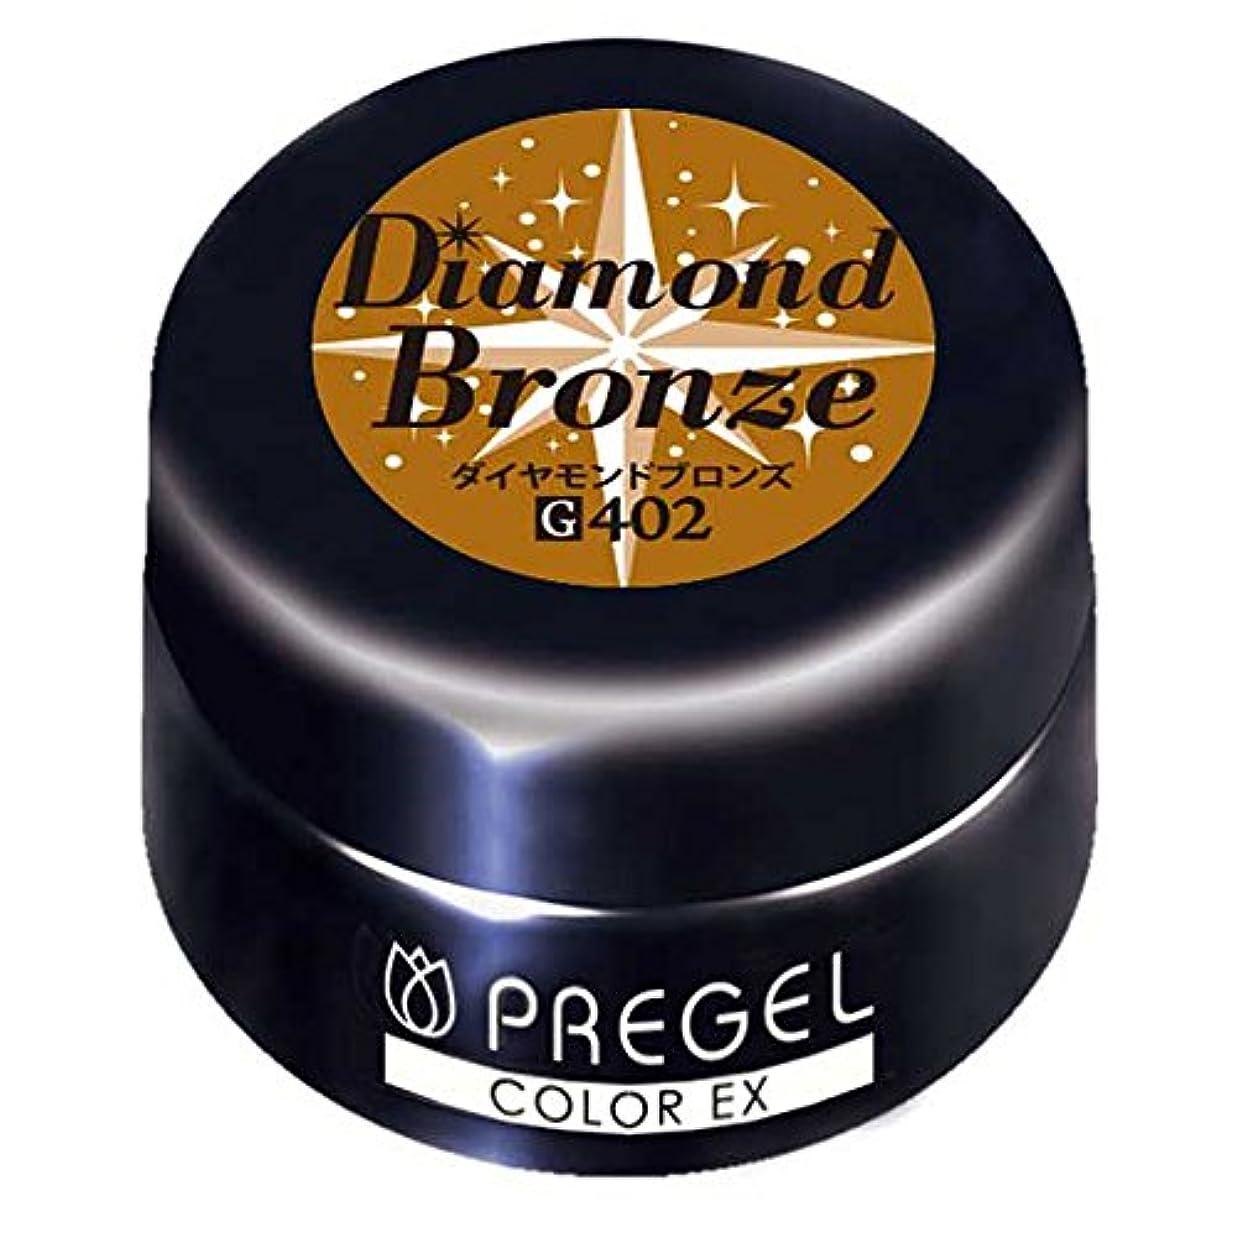 まろやかな補助手伝うPRE GEL カラーEX ダイヤモンドブロンズCE402 UV/LED対応 カラージェル